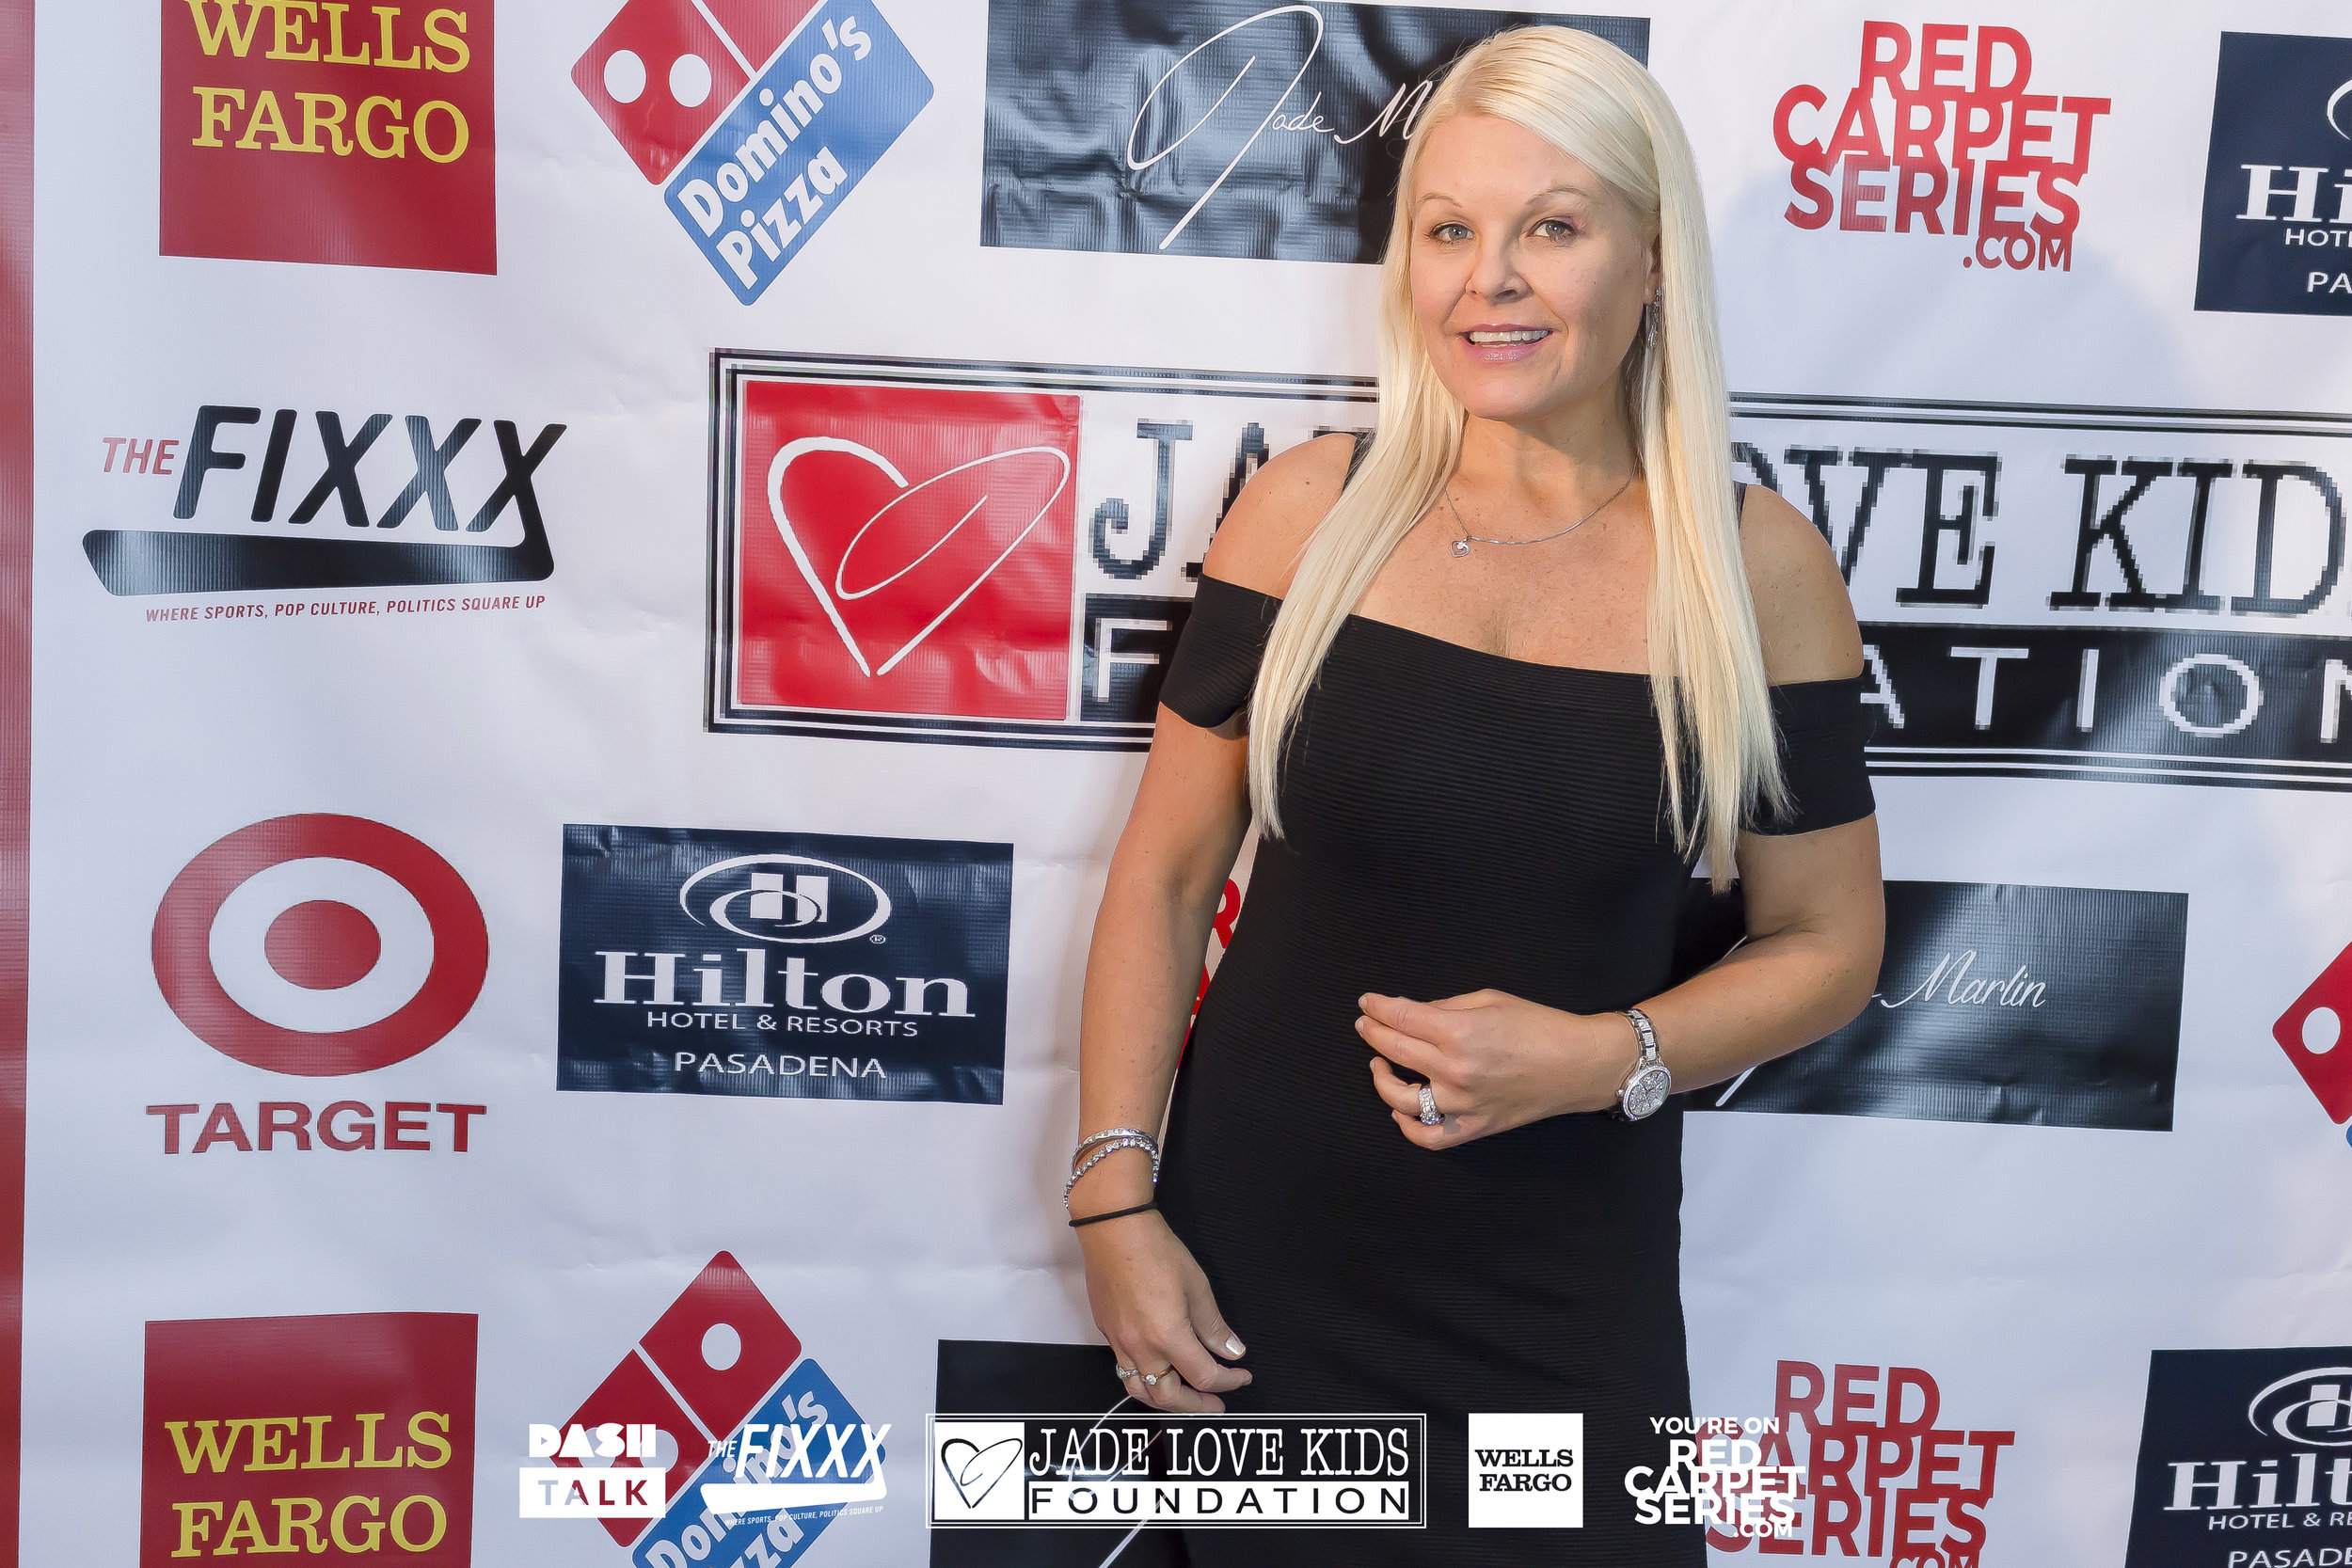 Jade Love Kids Foundation - 12-01-18 - Round 1_11.jpg